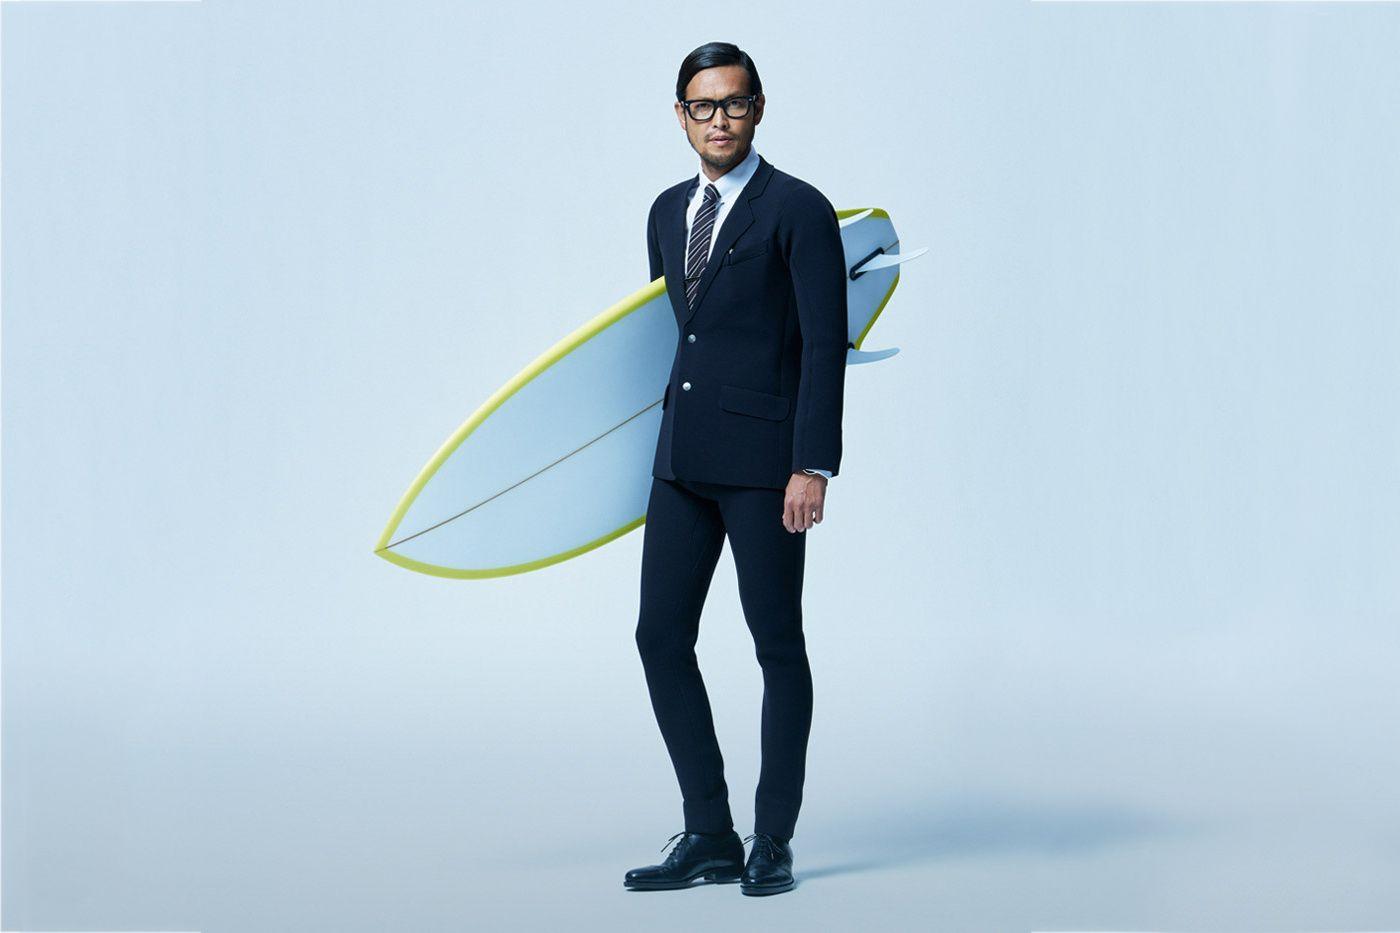 Japan Sportswear Business Suit Menswear Industry   Shoes01